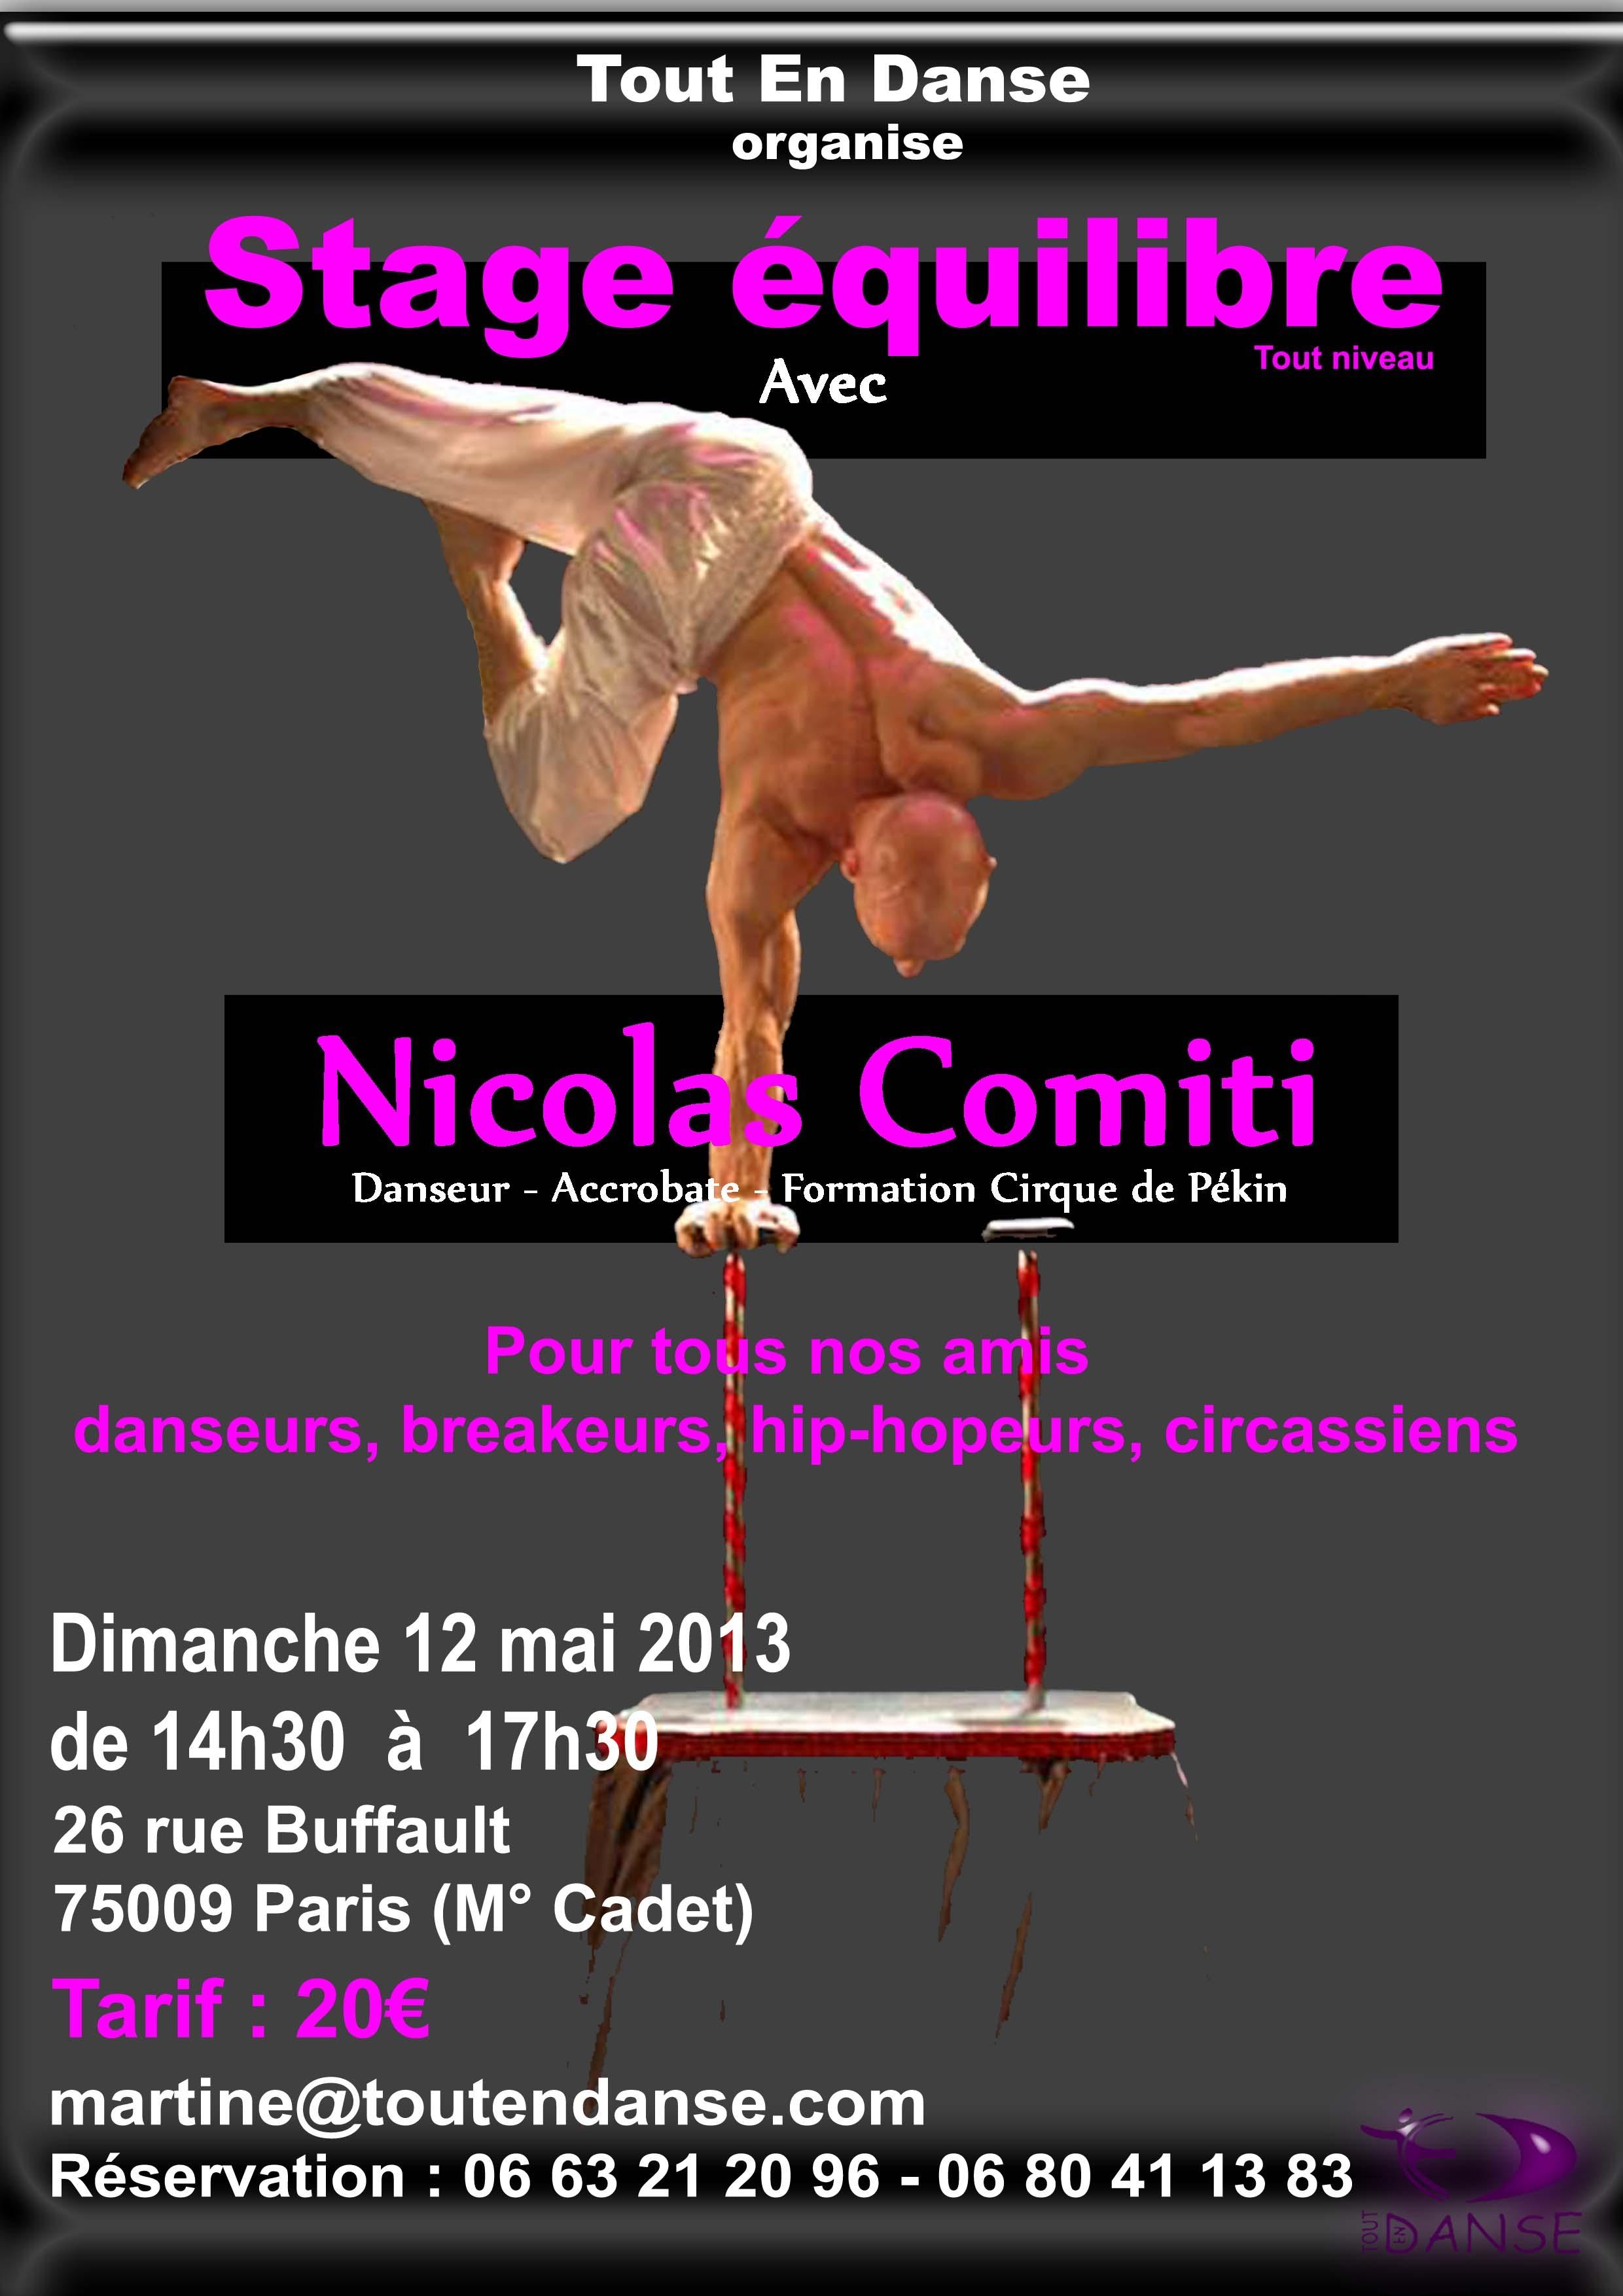 stage-12-mai-2013-nico-equi.jpg